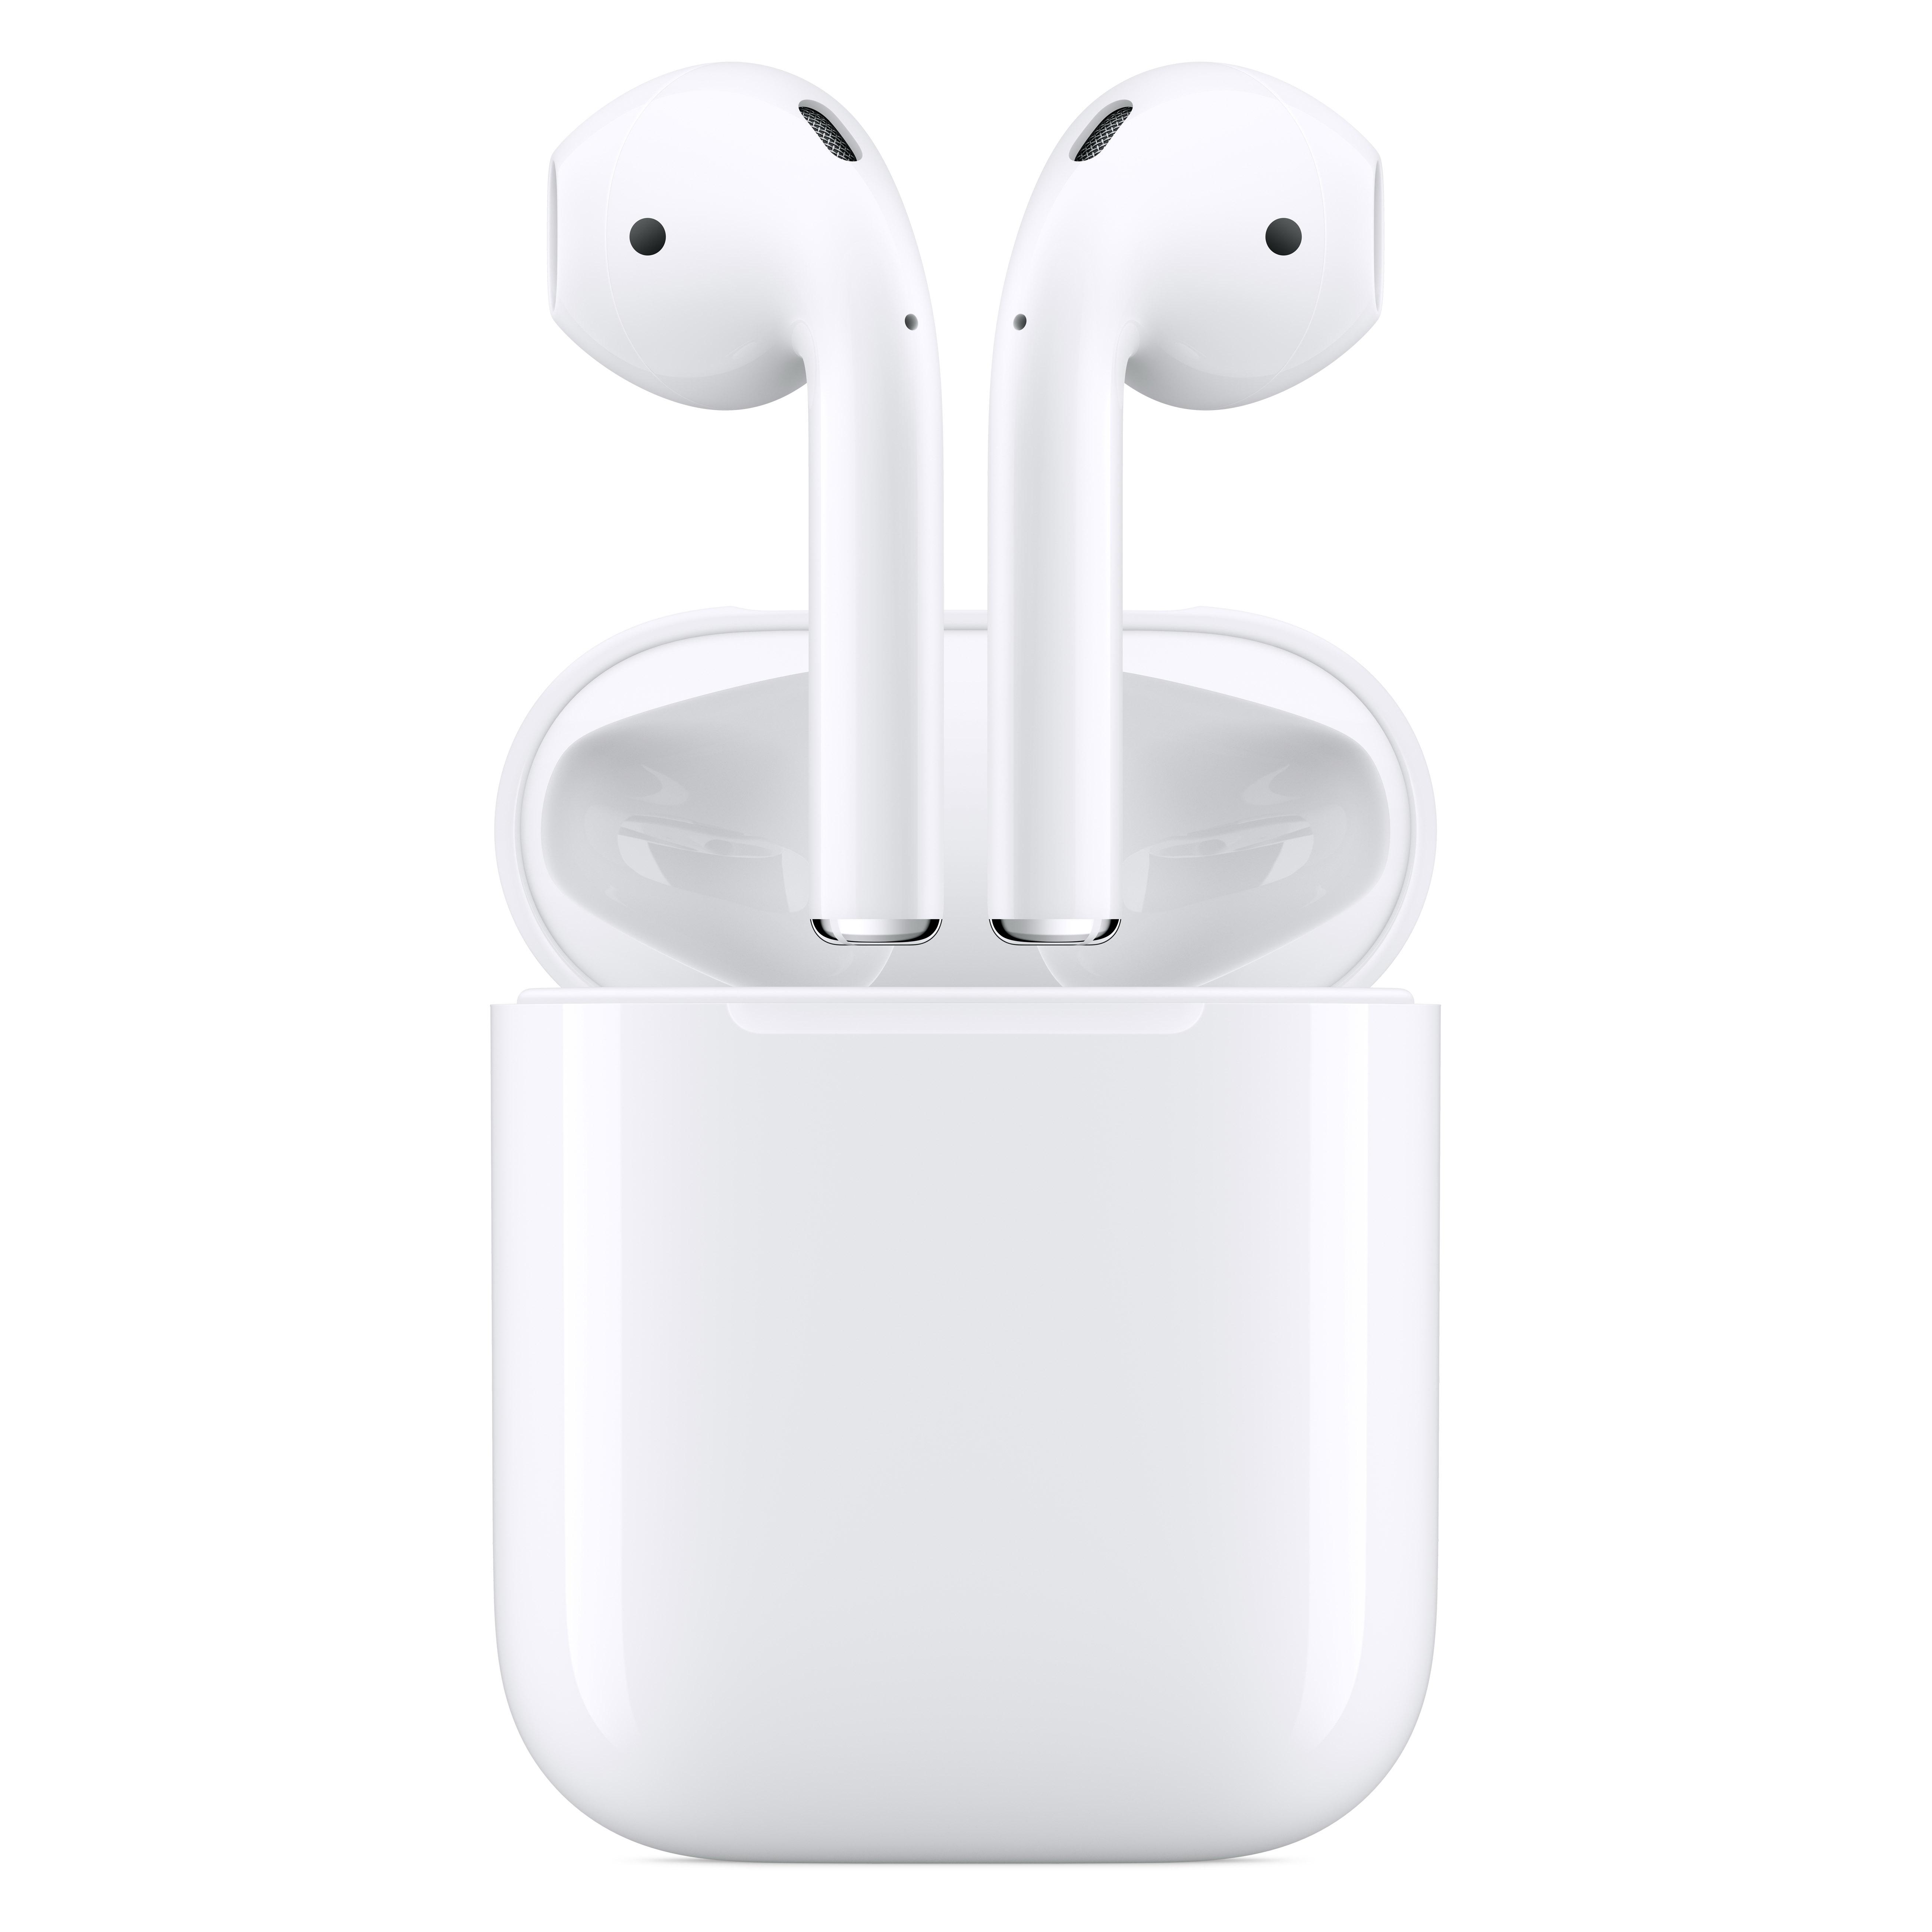 Apple 에어팟 2세대 유선 충전 모델 (블루투스 5.0) 가격